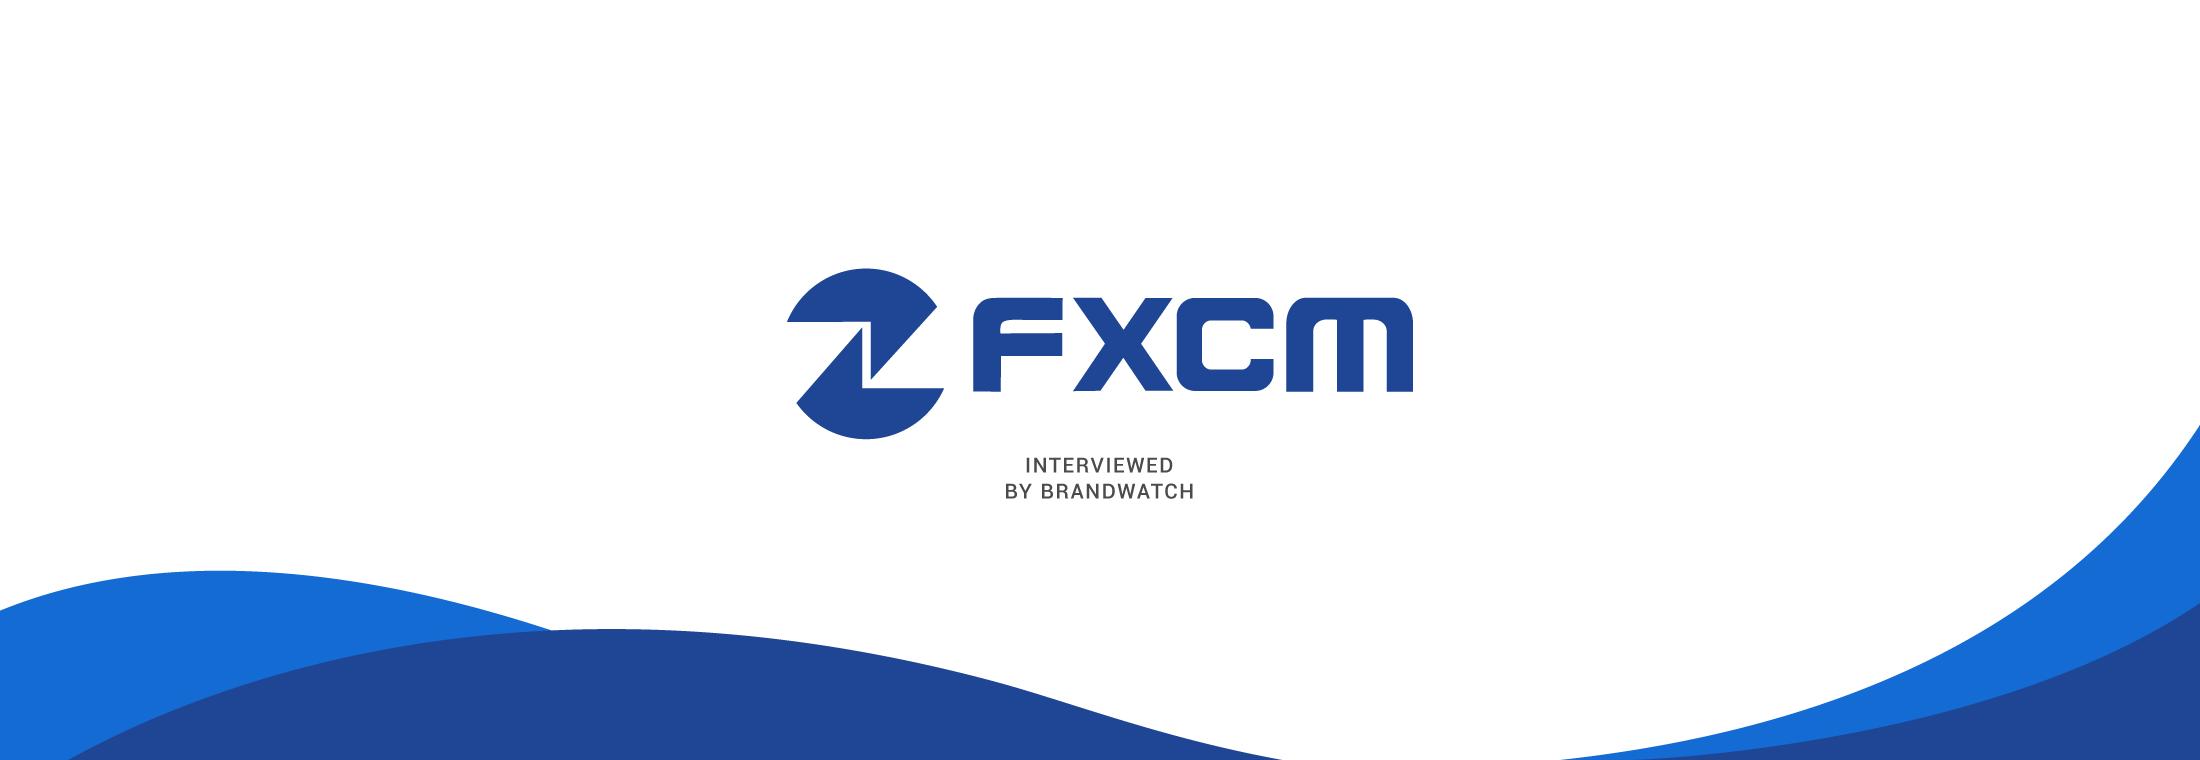 platform dagangan forex fxcm